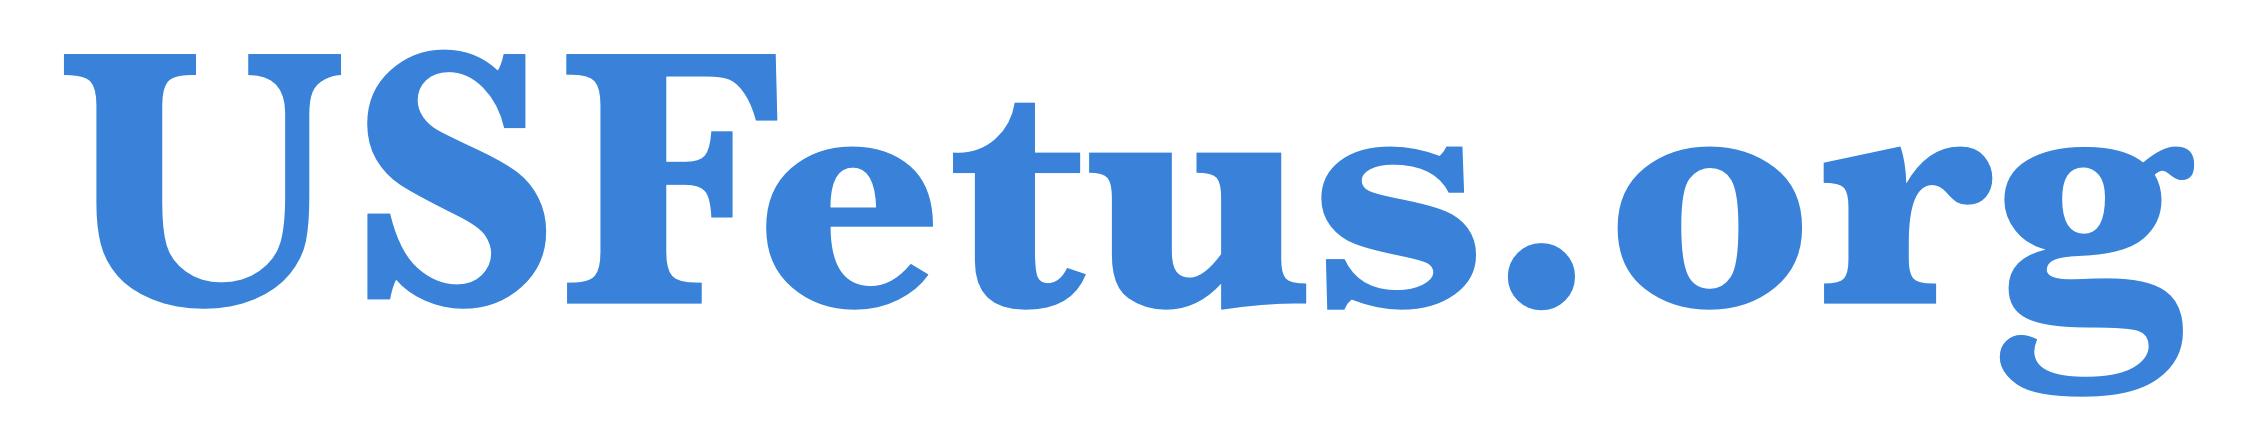 USFetus.org